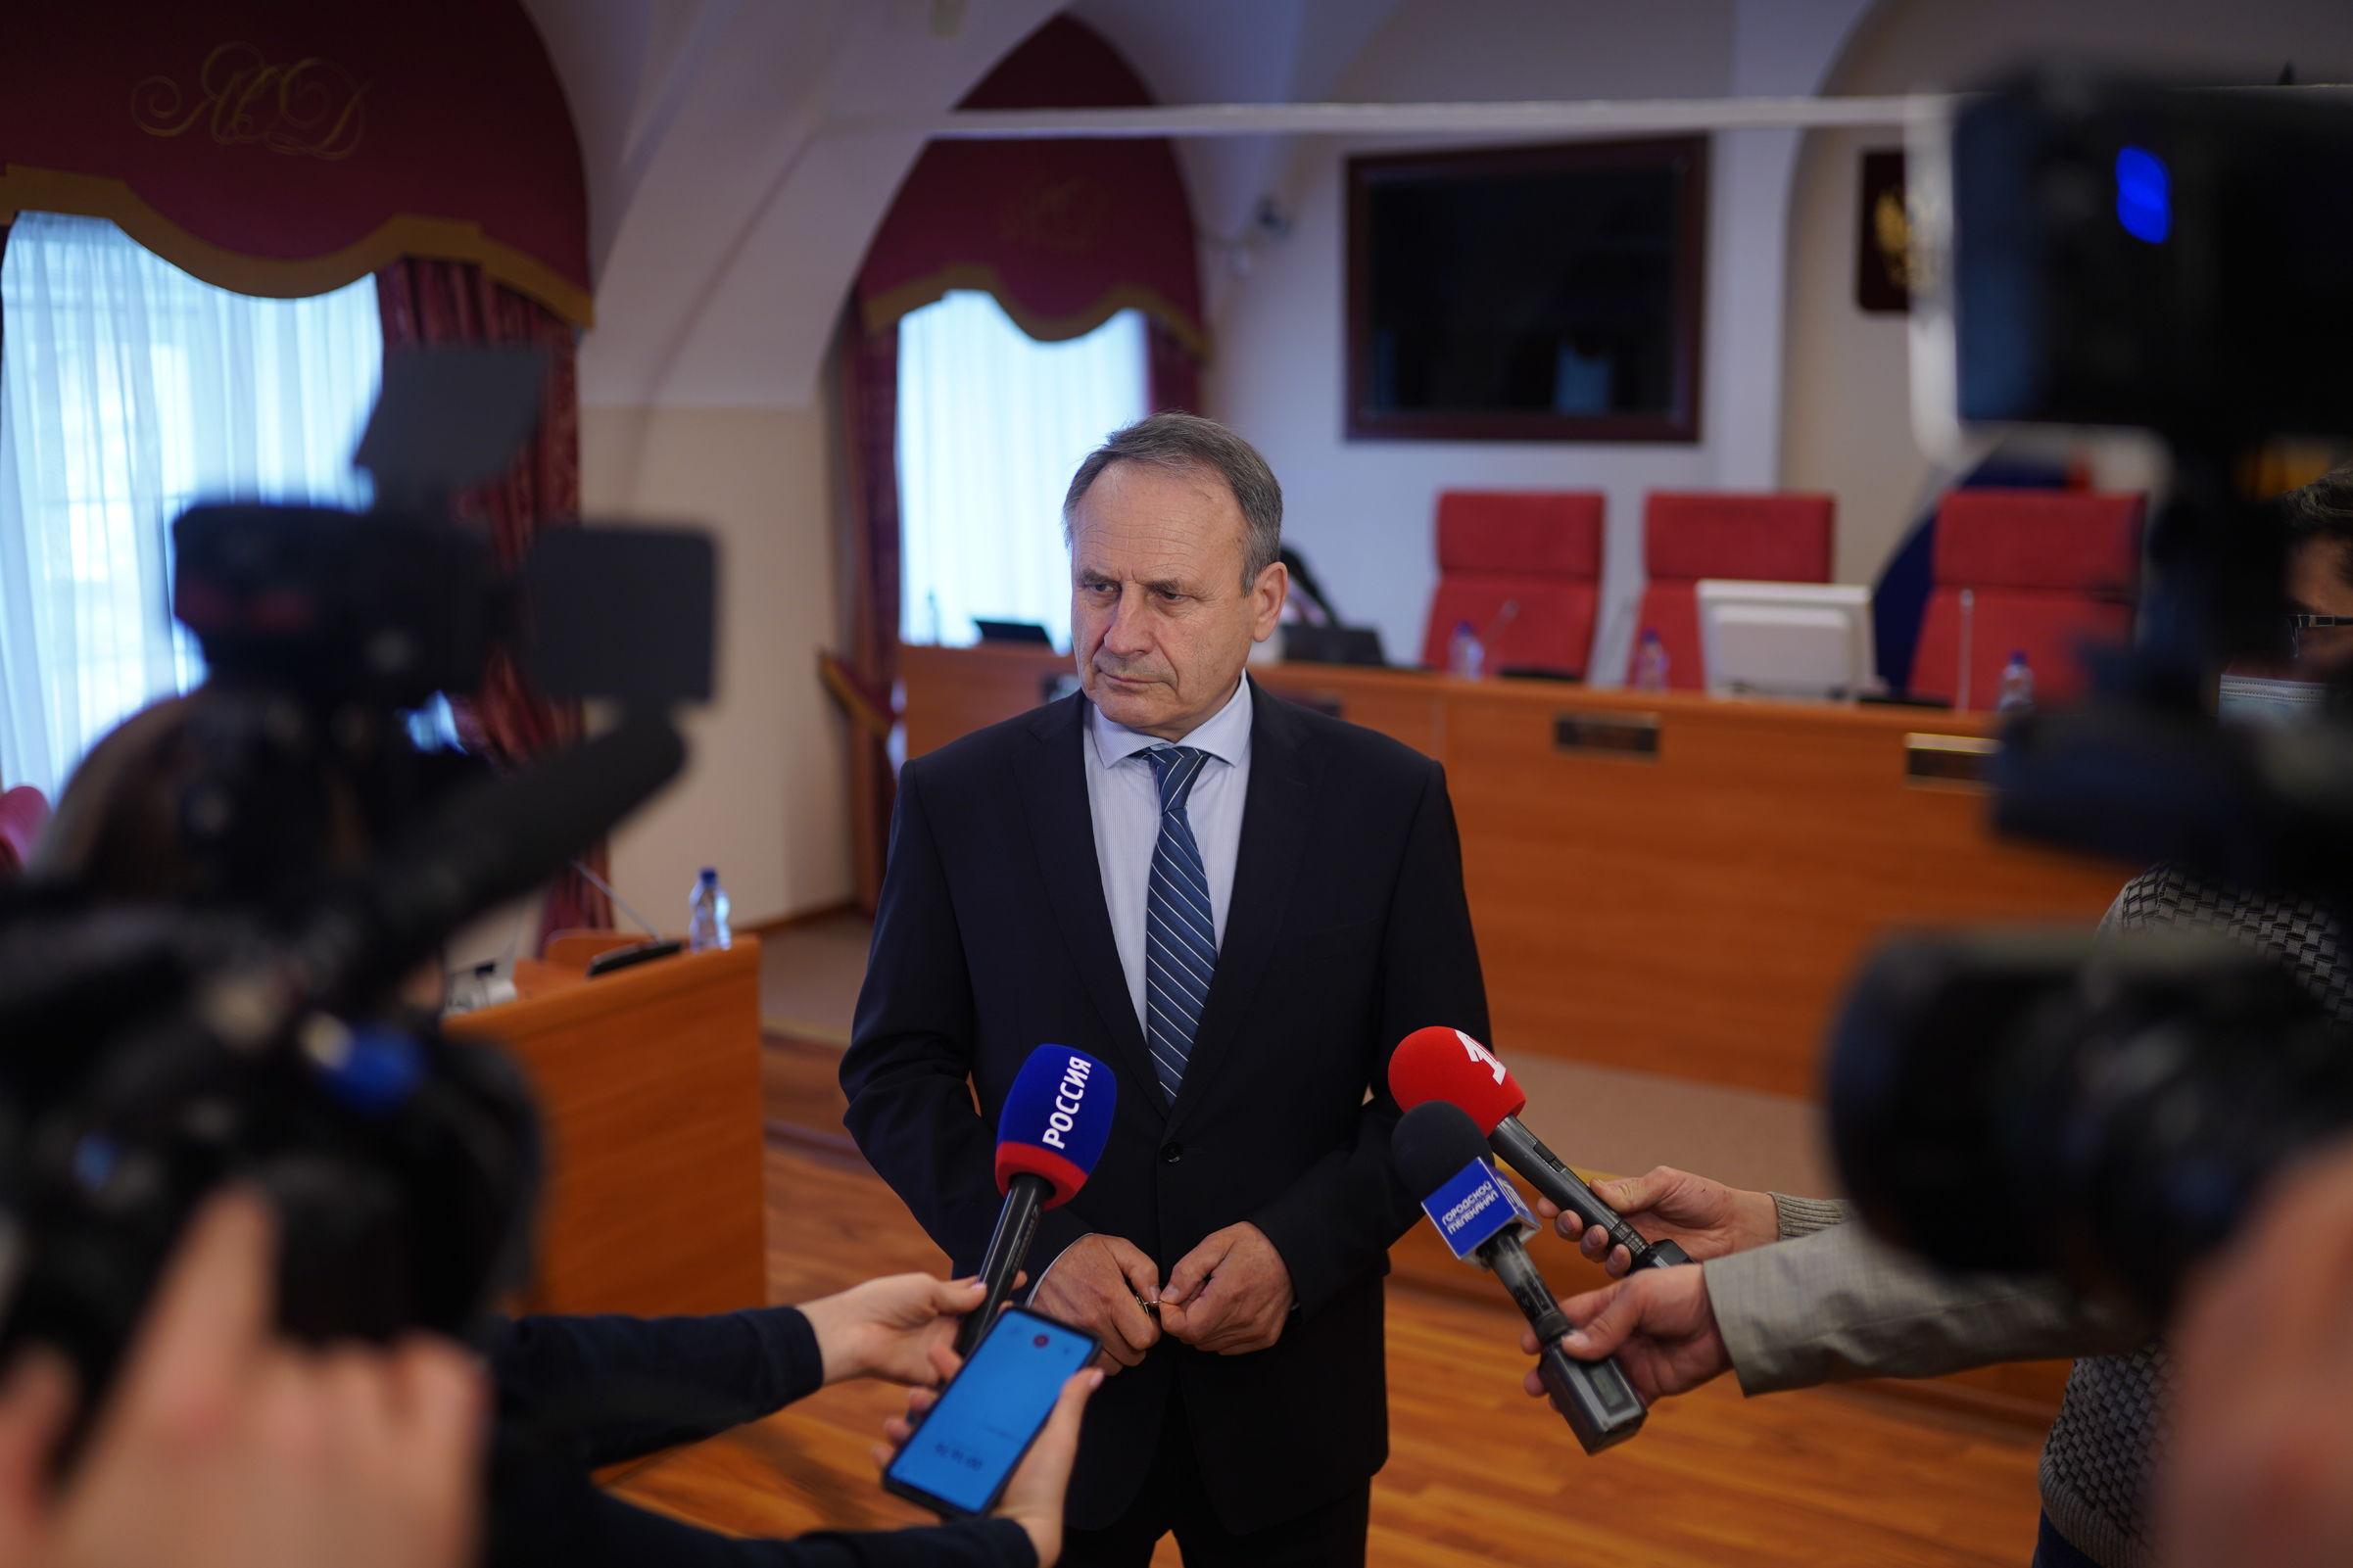 Михаил Боровицкий: парламентарии заслуженно дали положительную оценку работы правительства по итогам прошедшего периода